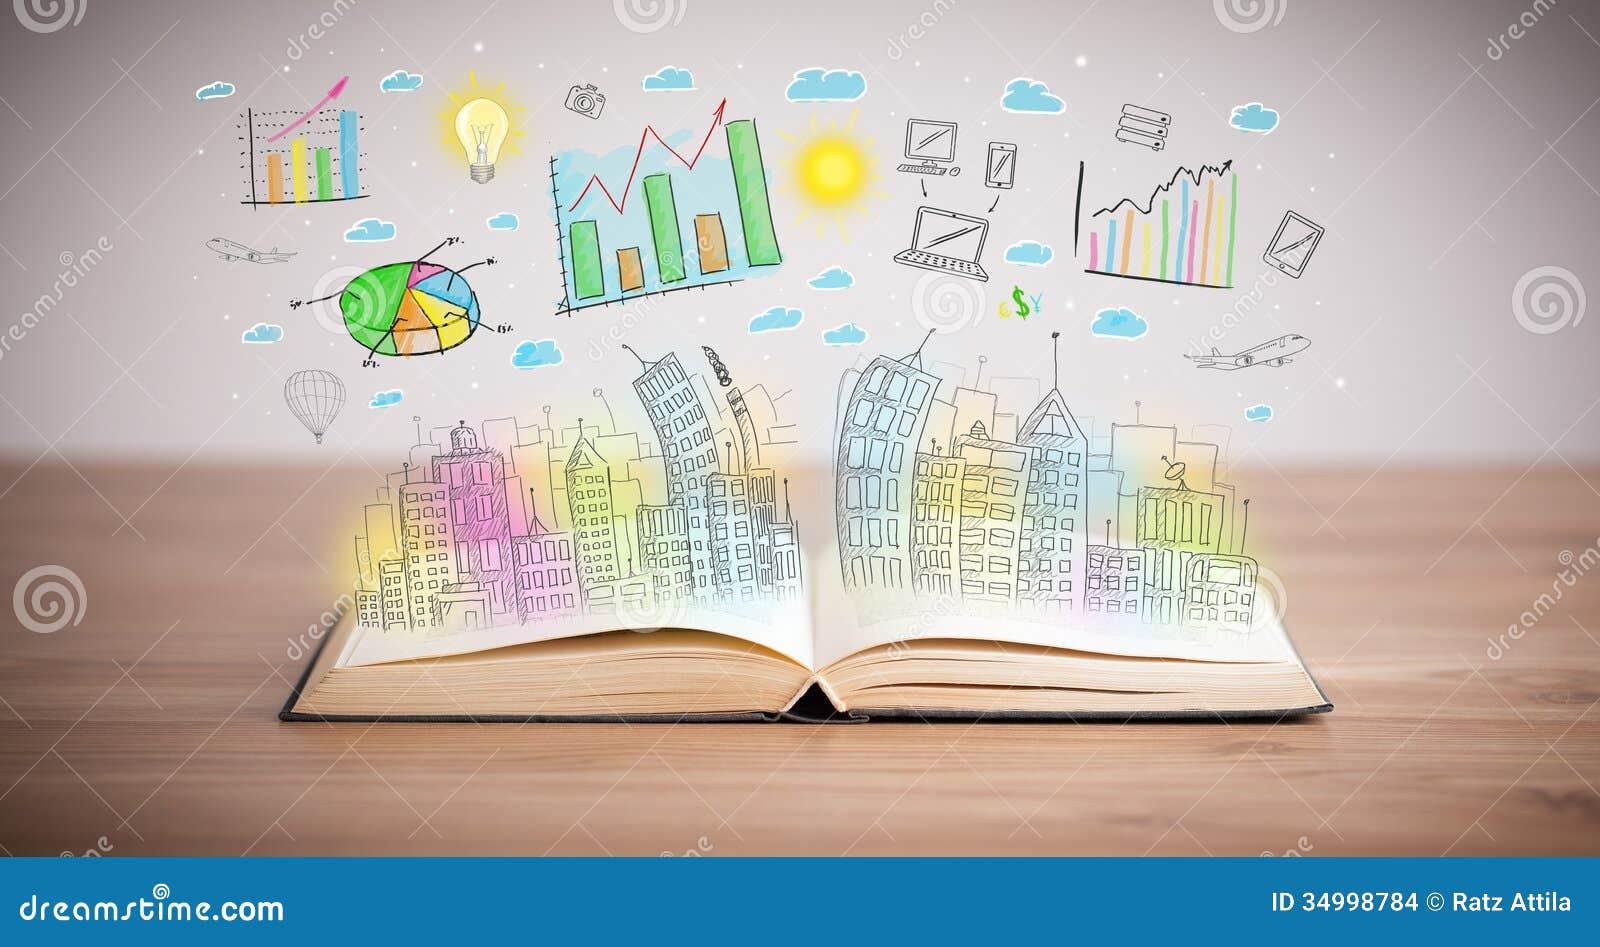 dibujo de un esquema del negocio en un libro abierto